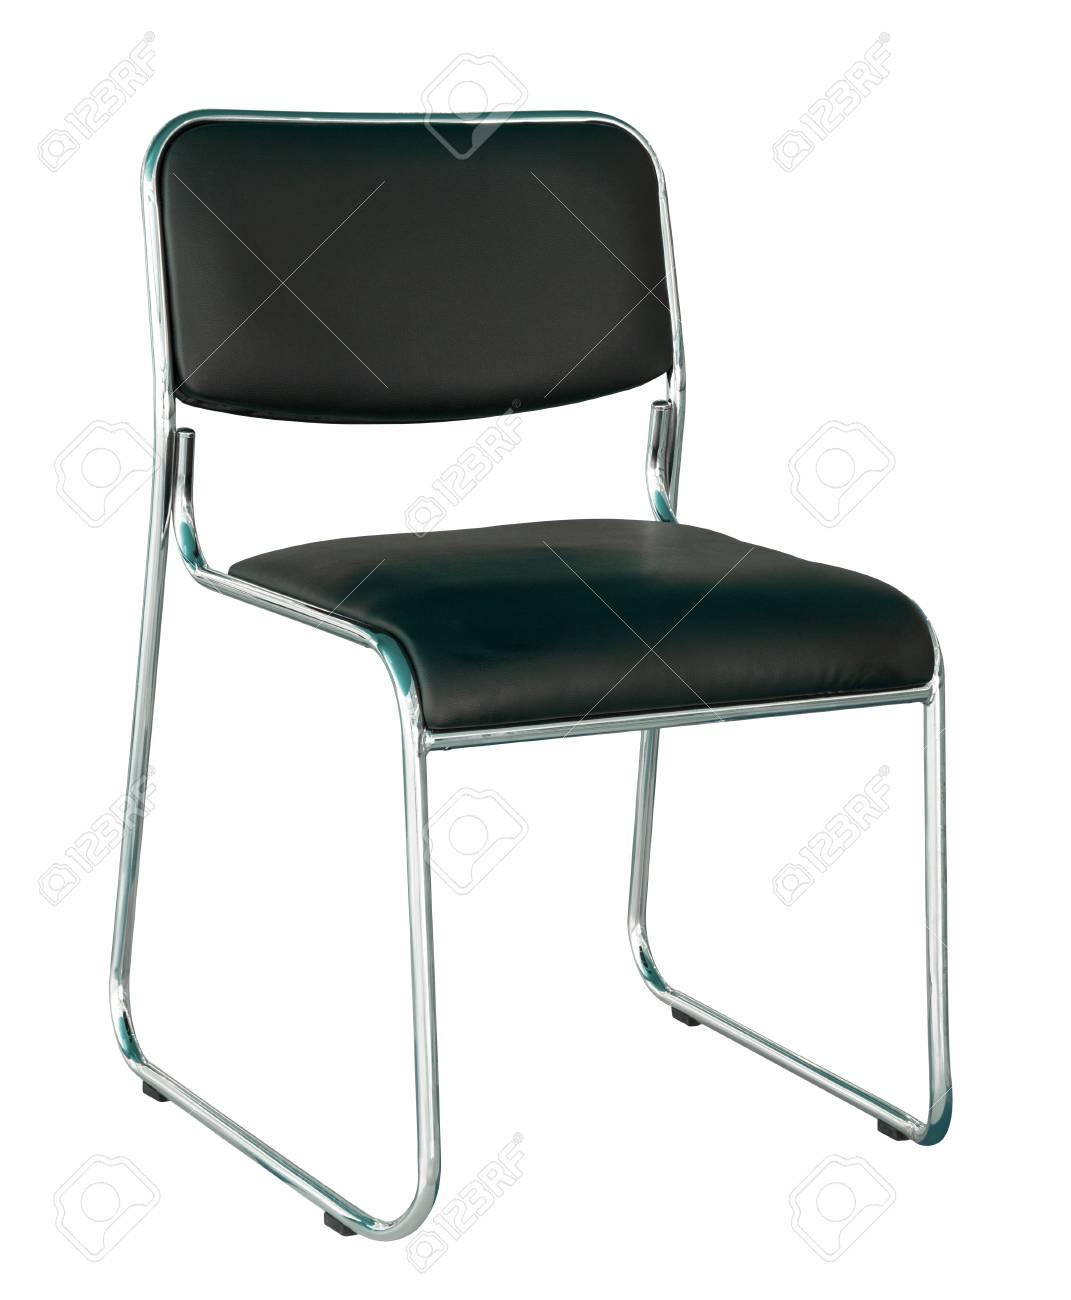 Chaise Moderne Noir Isol Sur Fond Blanc Avec Chemin De Dtourage